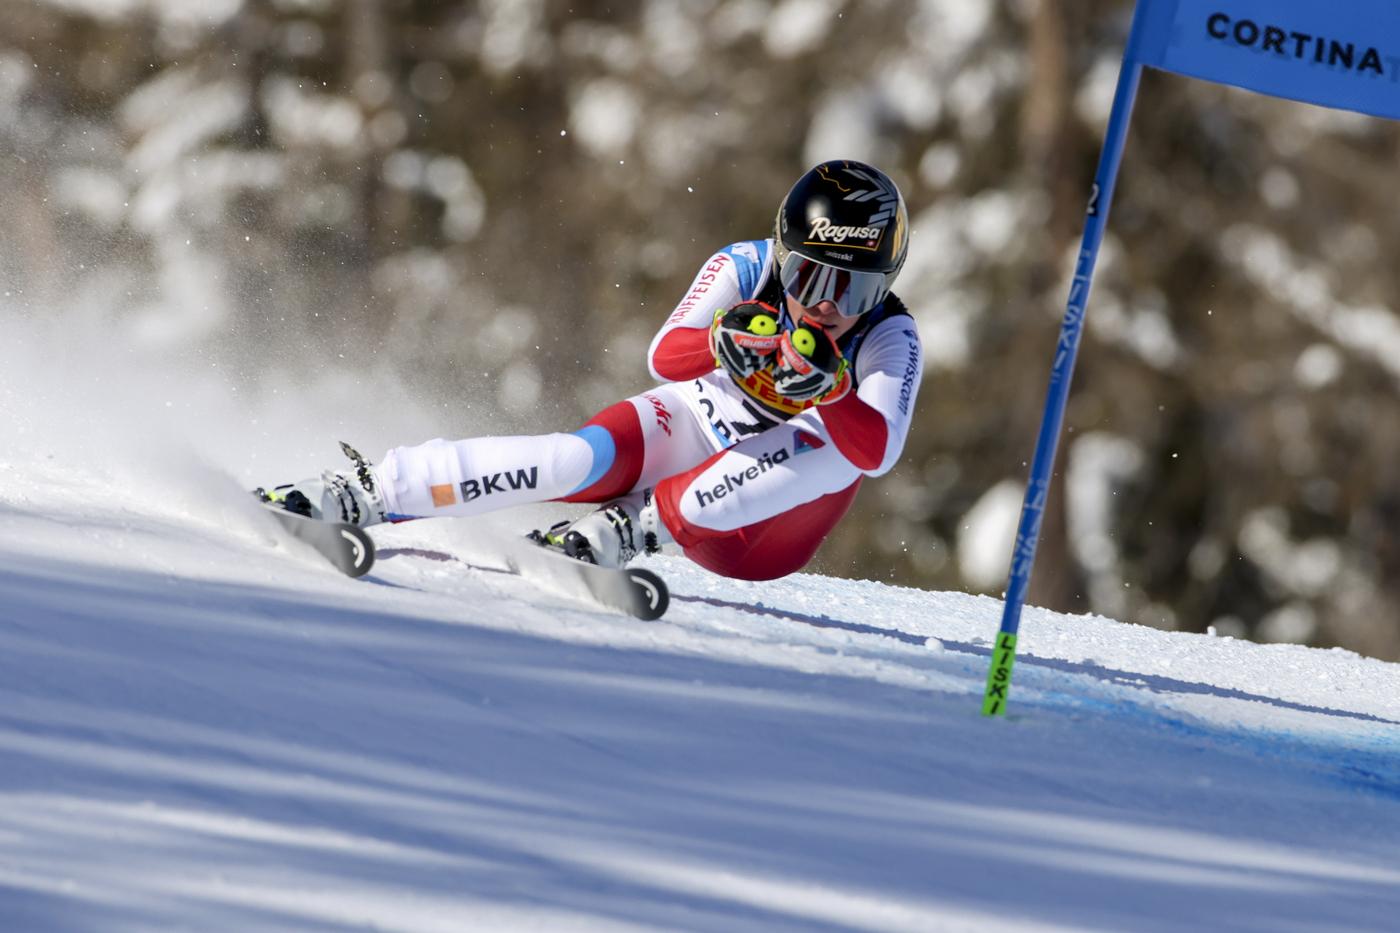 Mondiali Cortina 2021: oggi i superG